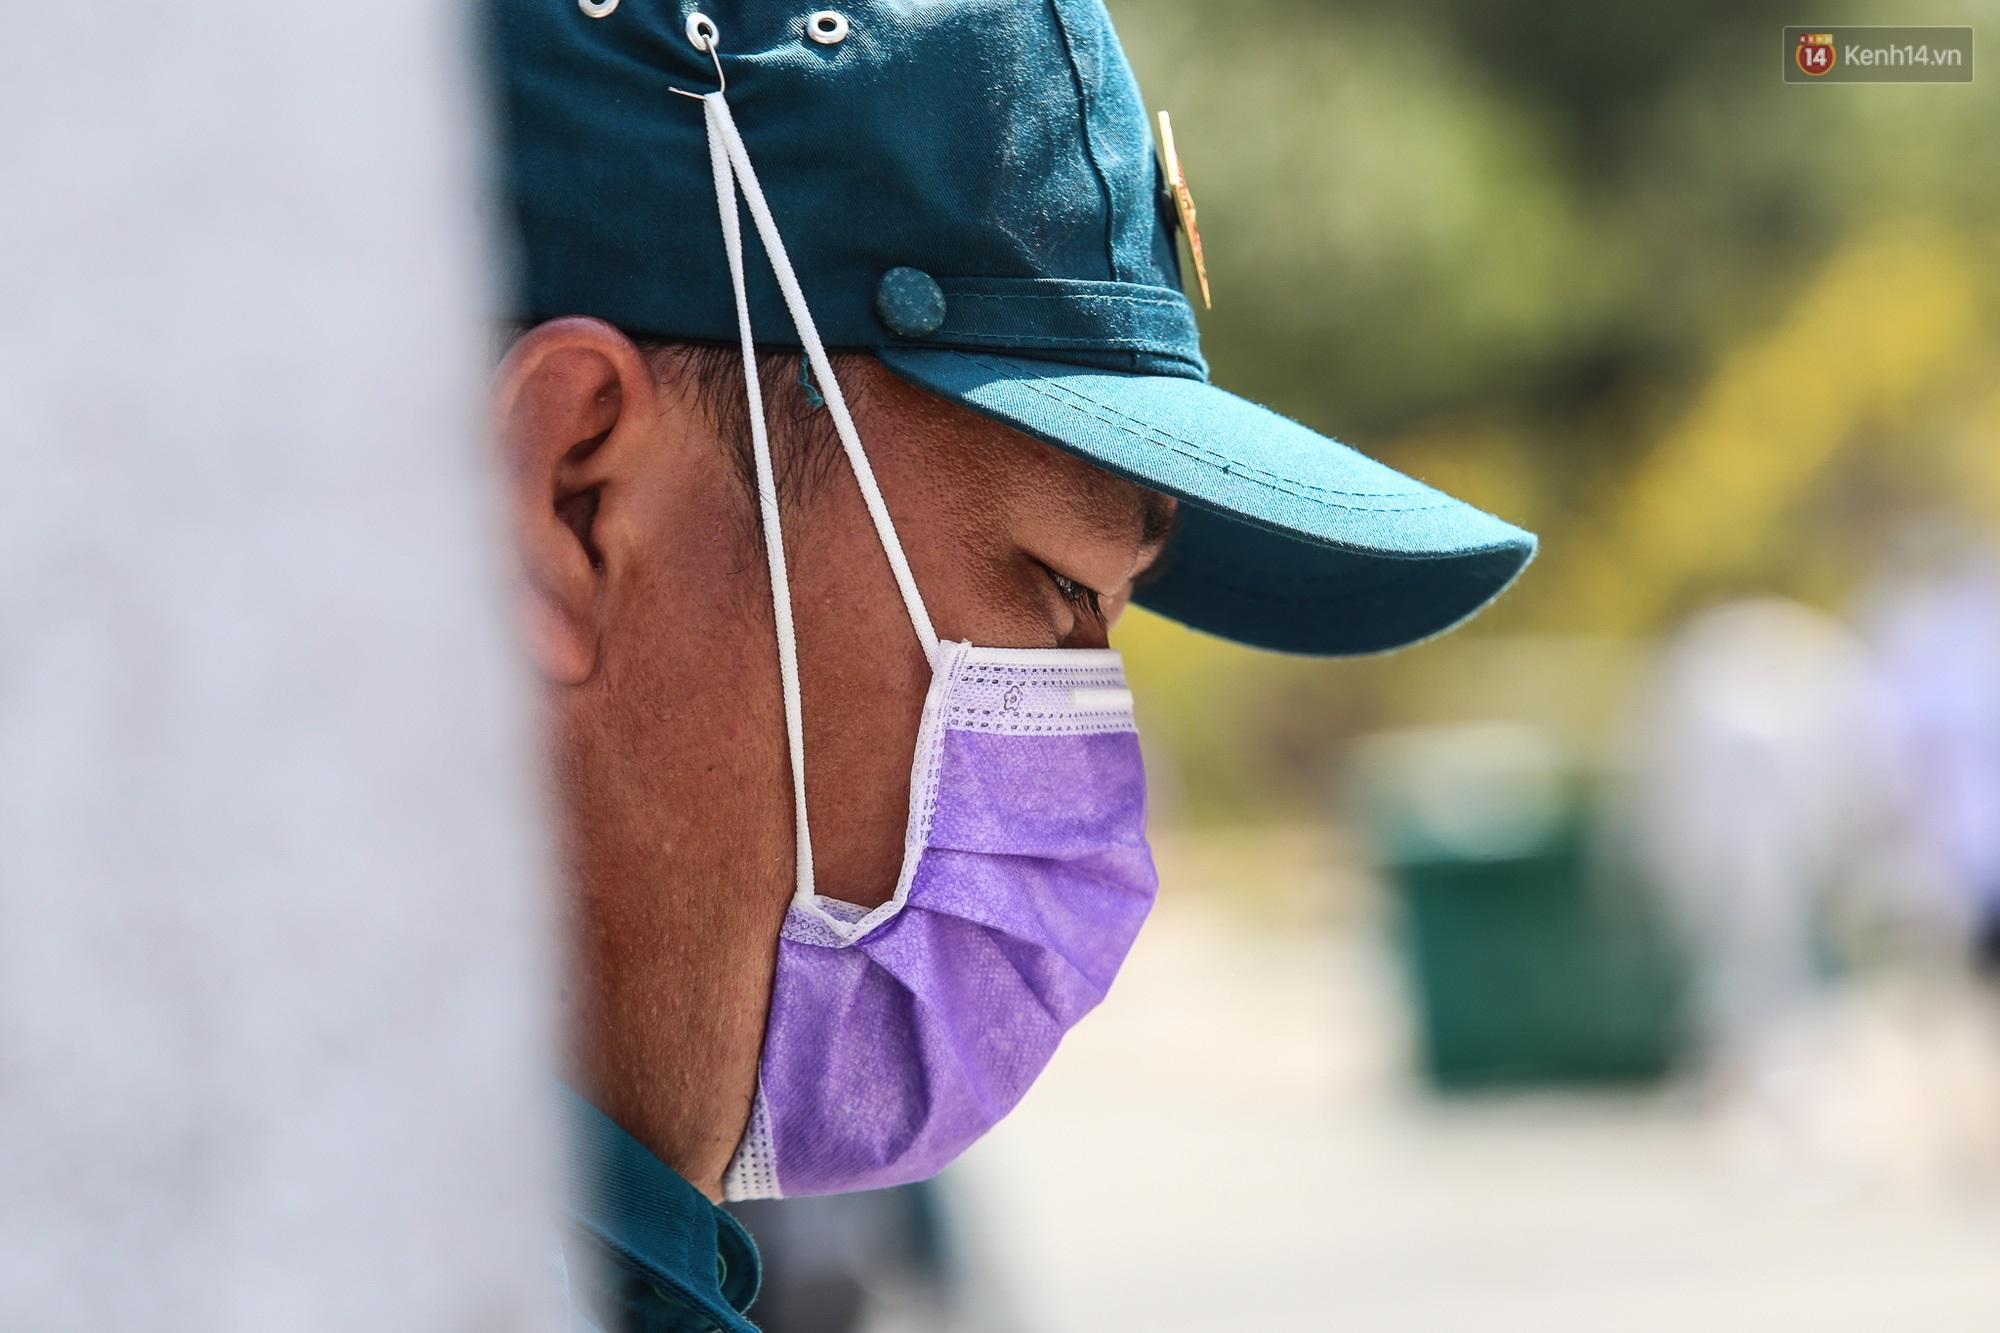 Người cách ly ở KTX âm thầm mua sữa tặng các anh dân quân tự vệ để cảm ơn vì ngày đêm chuyển hàng viện trợ - Ảnh 5